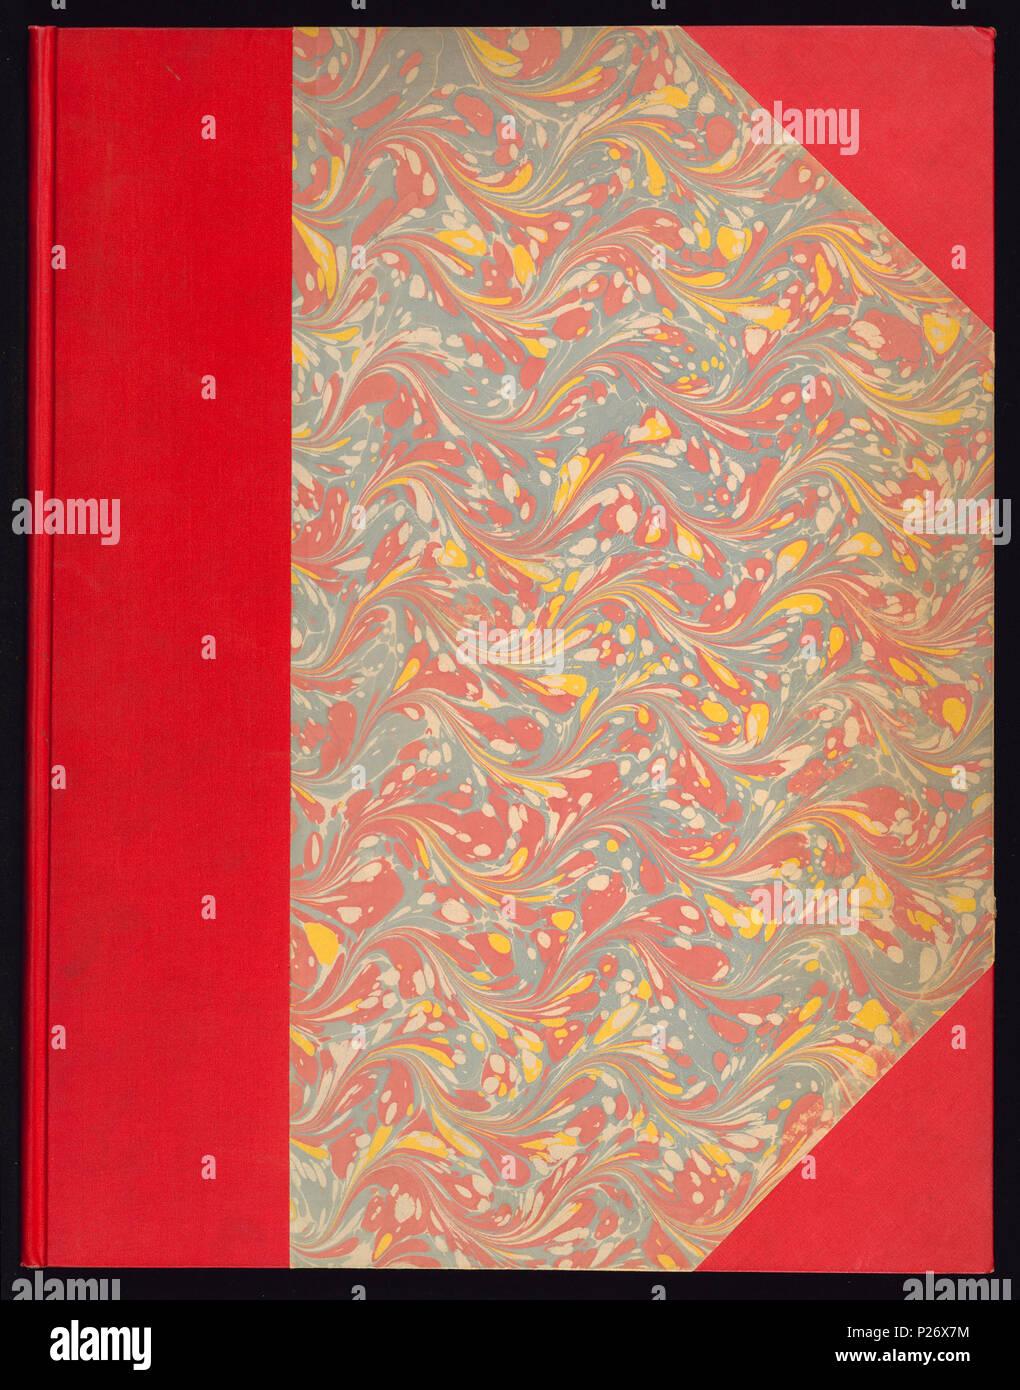 14 Álbum, Nouveau livre de principes d'ornements particulièrement pour trouver ONU nombre infini de tormes qui dependiente, d'après les dessins de Gillot. Peintre du Roy gravé par Huquier; pl. 2. Au (CH) 69143793 Foto de stock